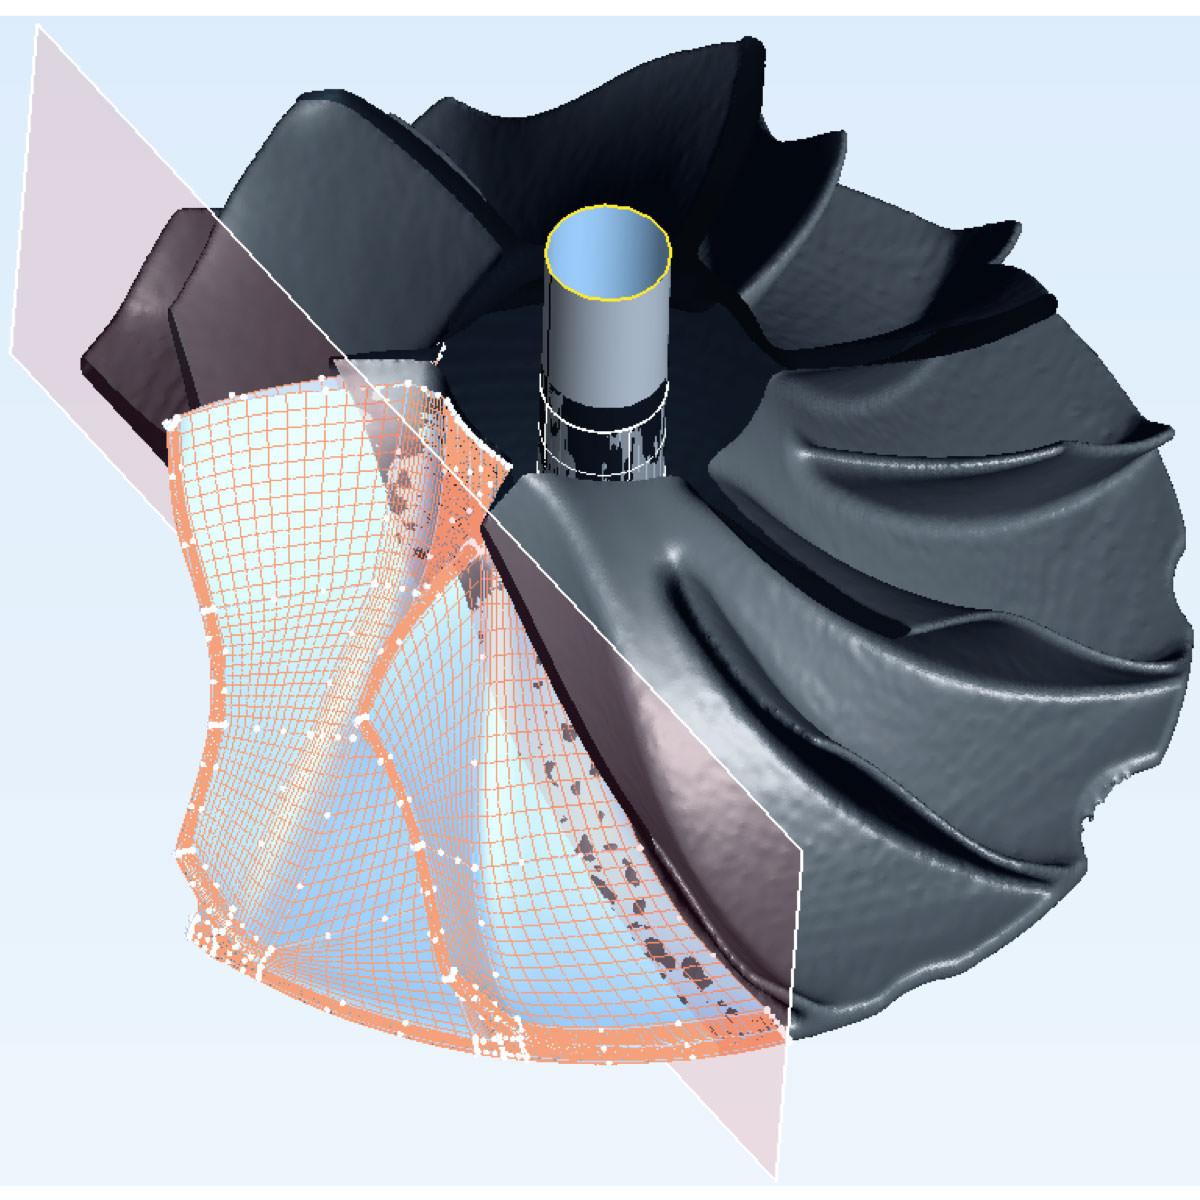 リバースエンジニアリング タービンブレード(3D/点群/ポリゴン/CAD)